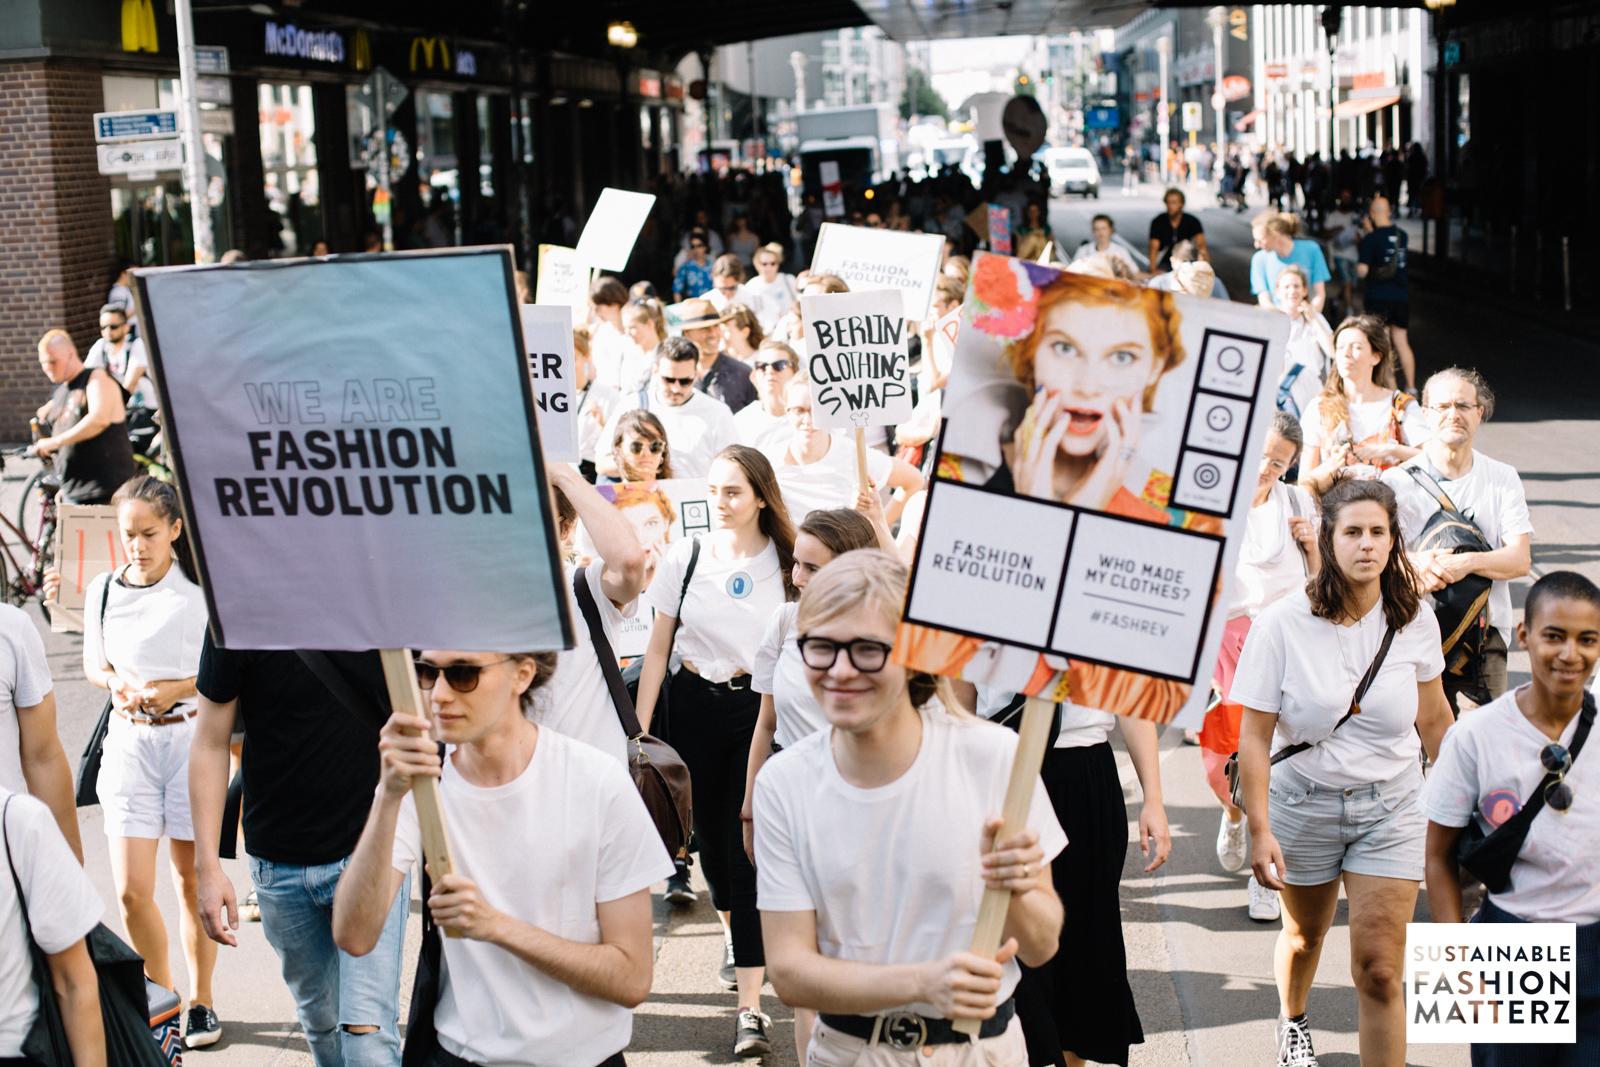 fashion-revolution-berlin-2019-43.jpg